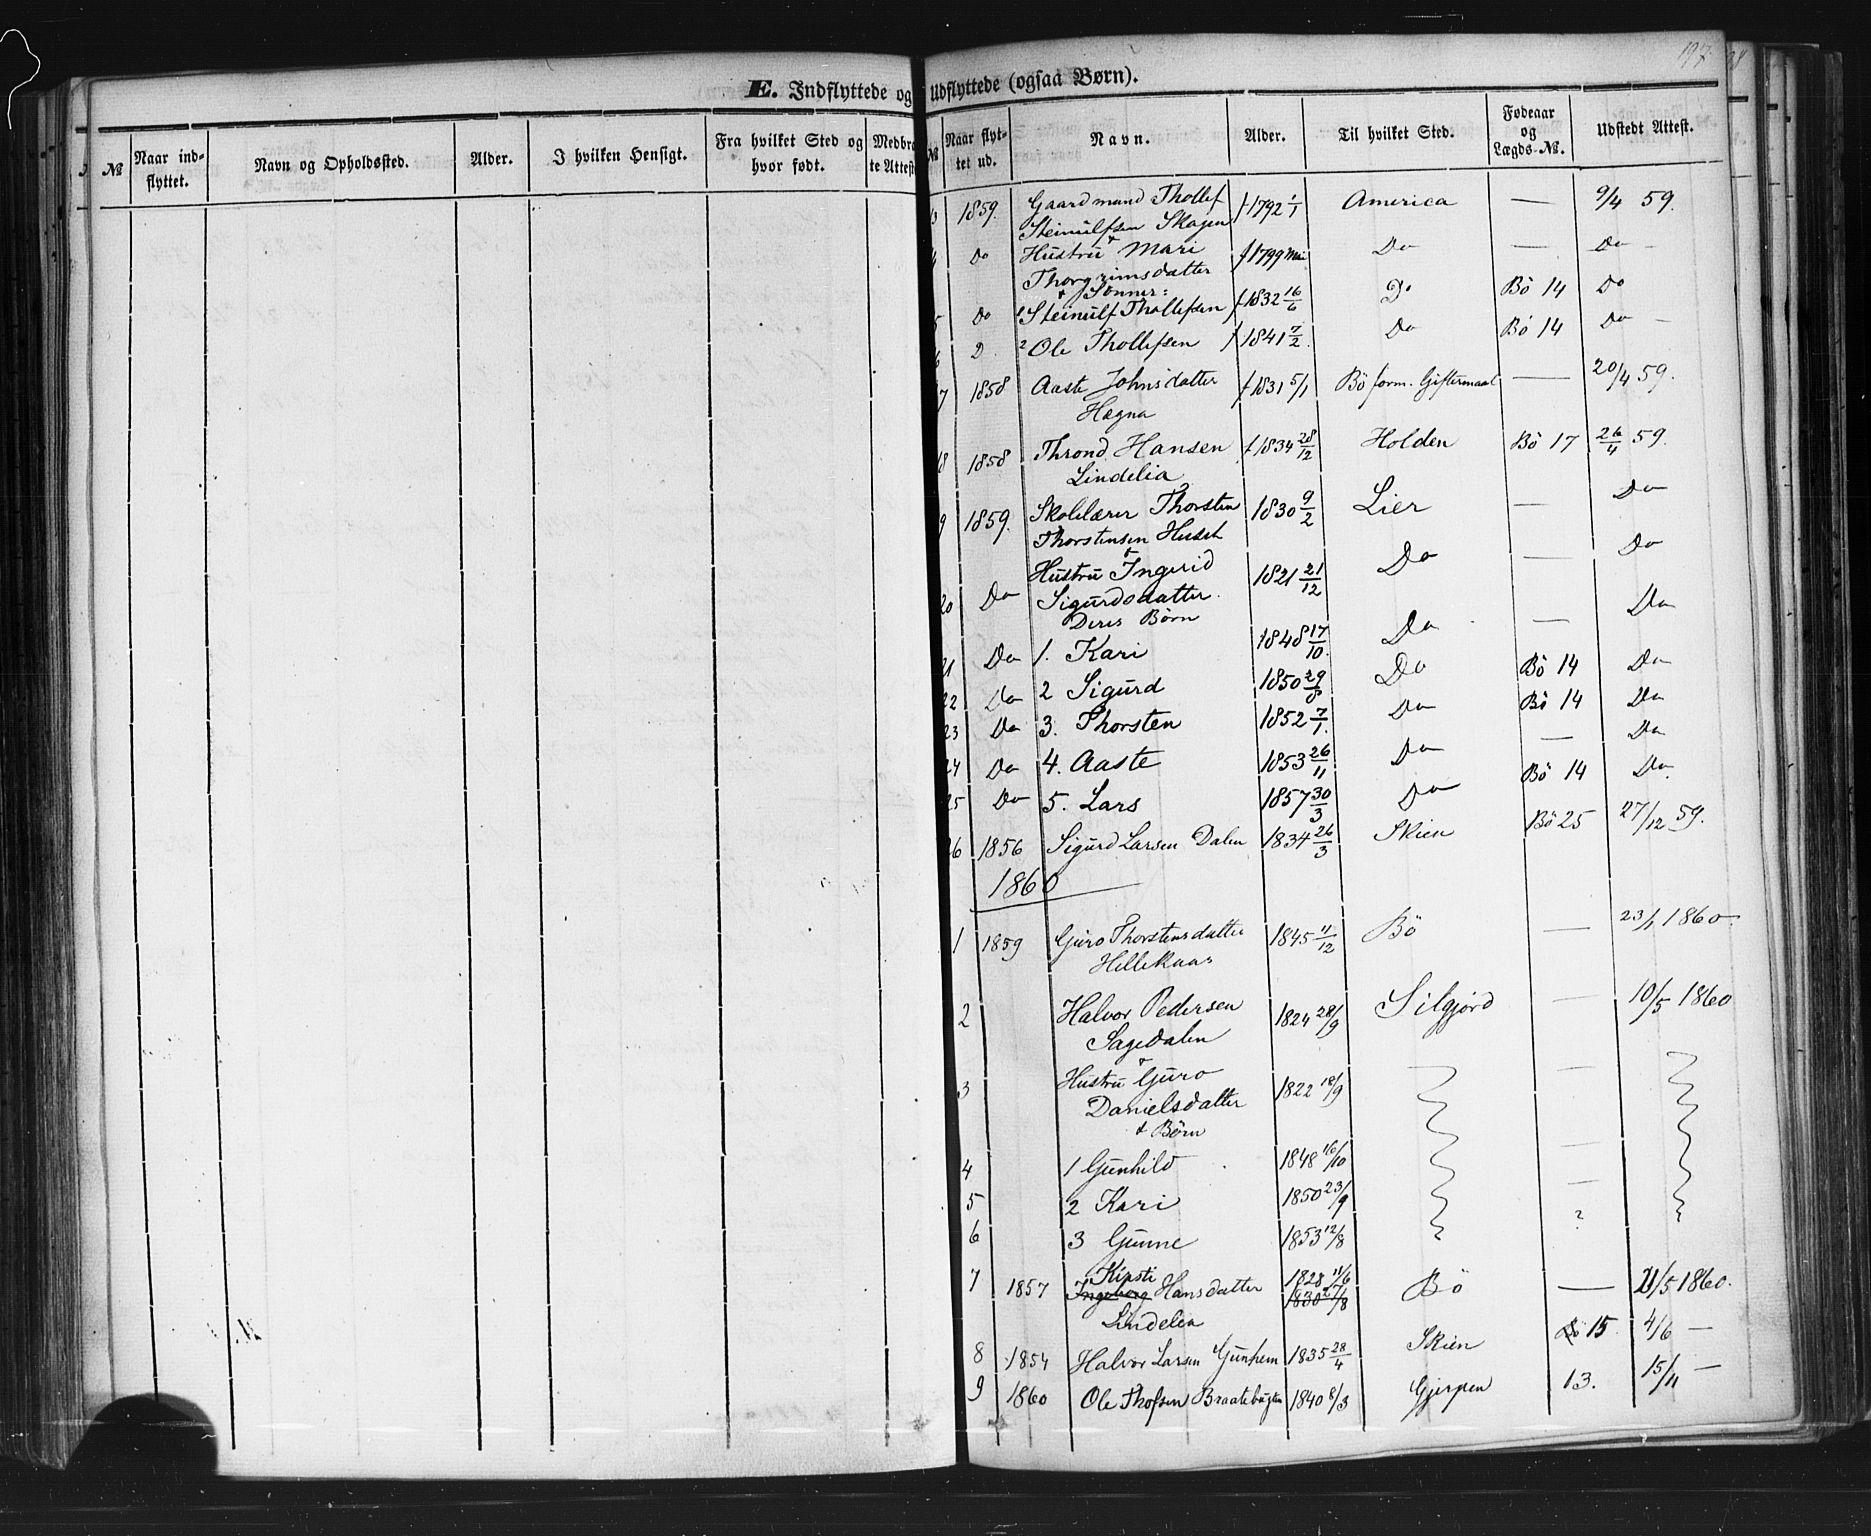 SAKO, Sauherad kirkebøker, F/Fb/L0001: Ministerialbok nr. II 1, 1851-1877, s. 197